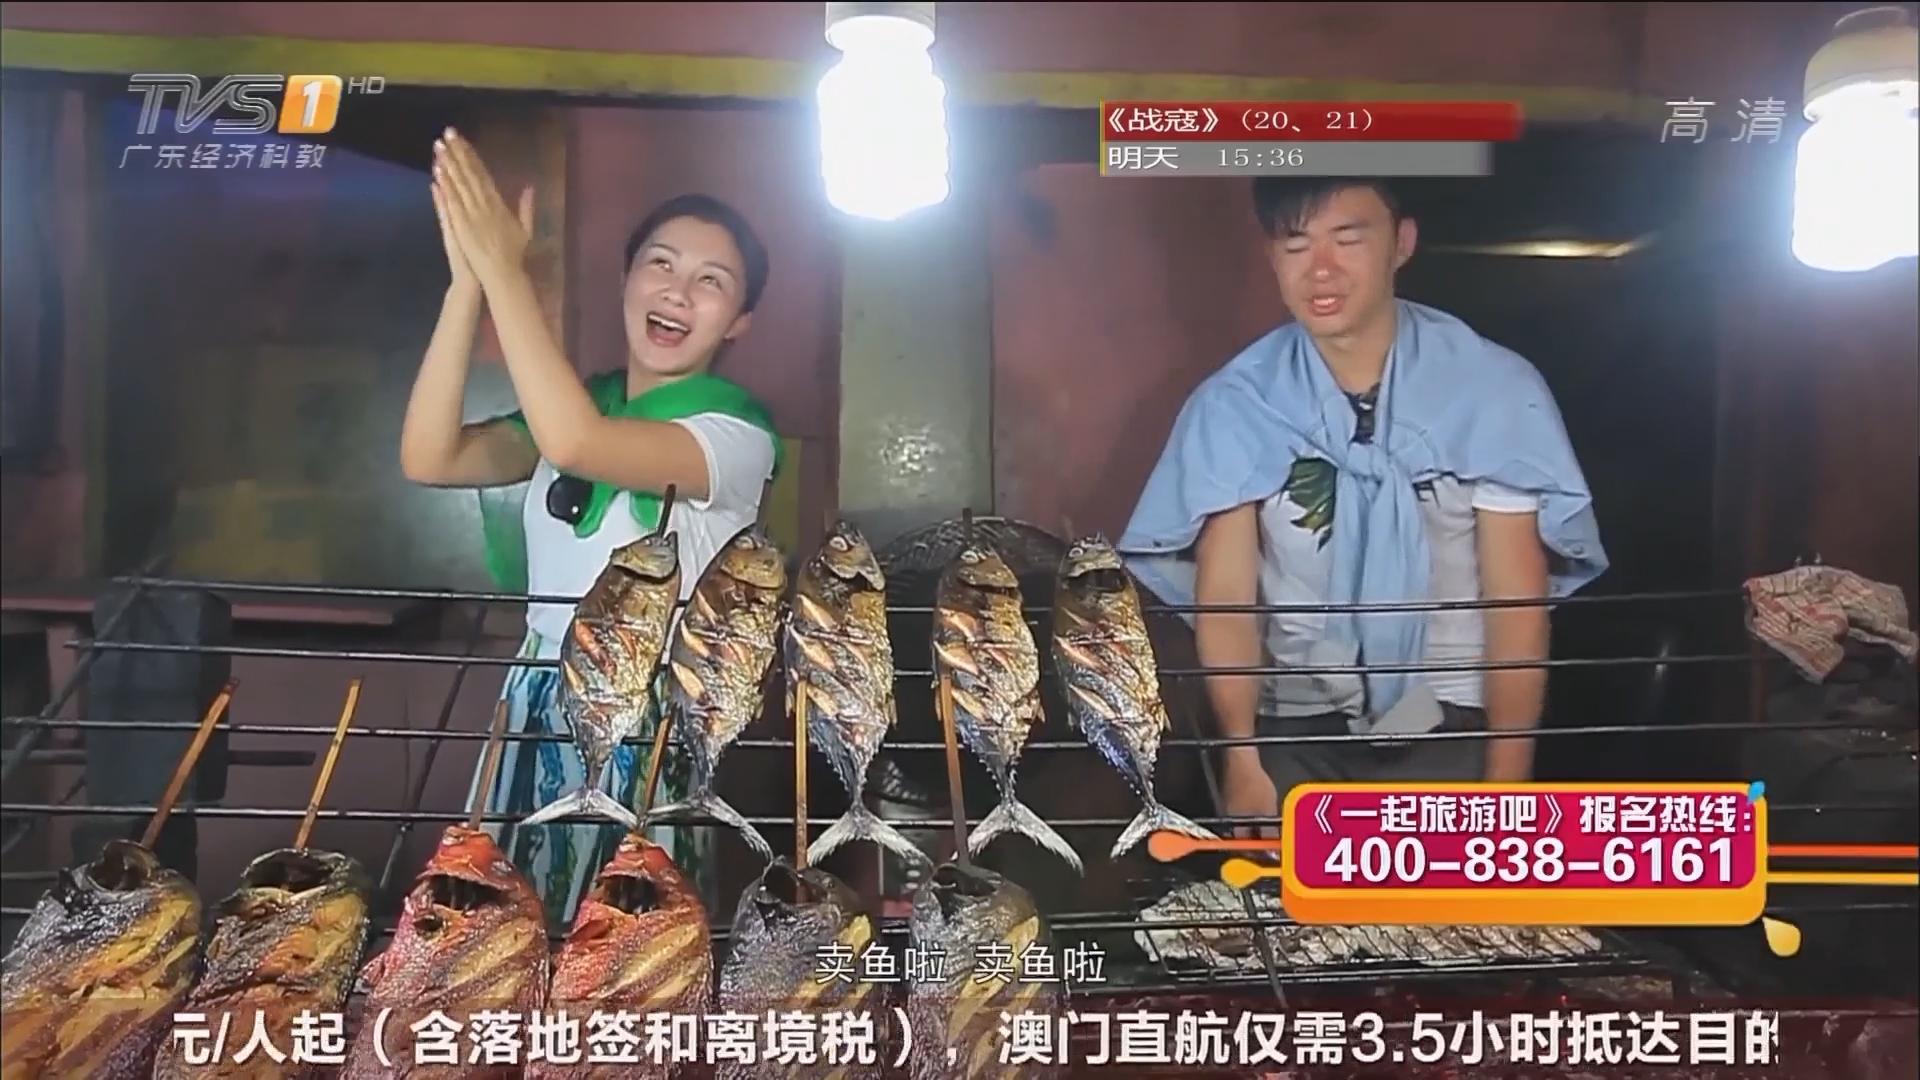 当地美食椰子烤鱼